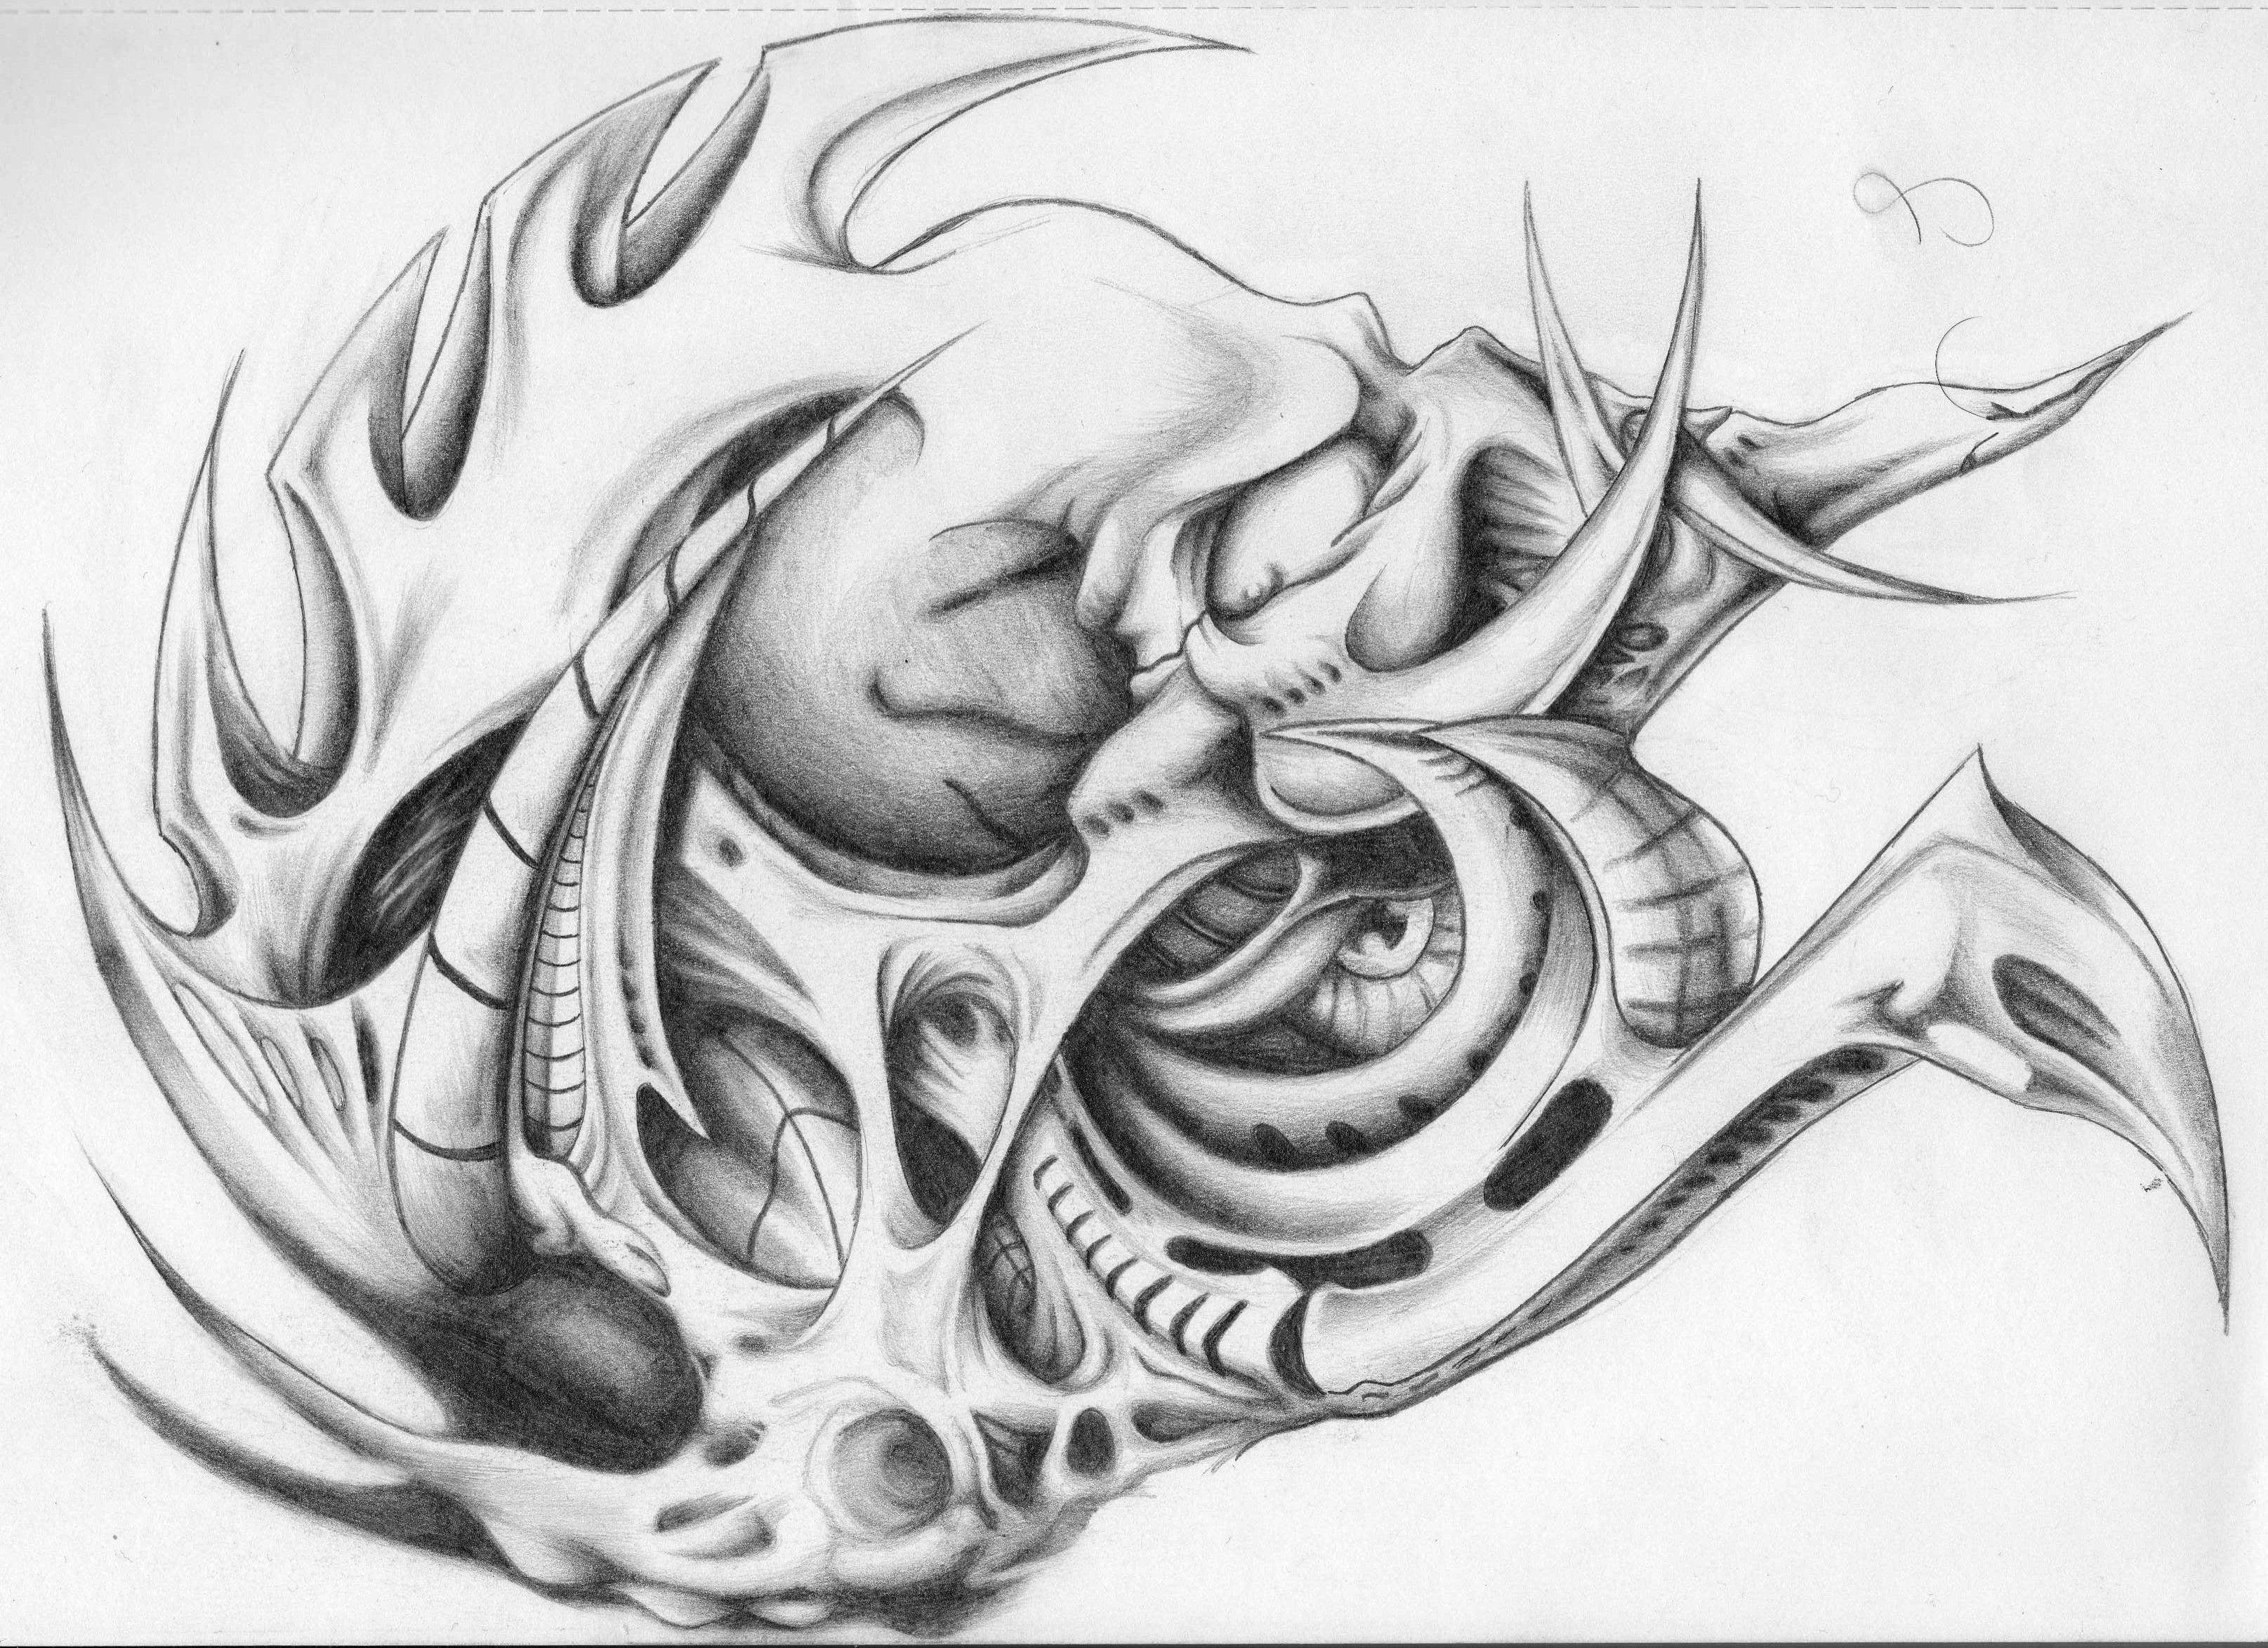 biomechanical drawing tattoo design tattoo pinterest tattoo ideen biomechanik tattoo and. Black Bedroom Furniture Sets. Home Design Ideas